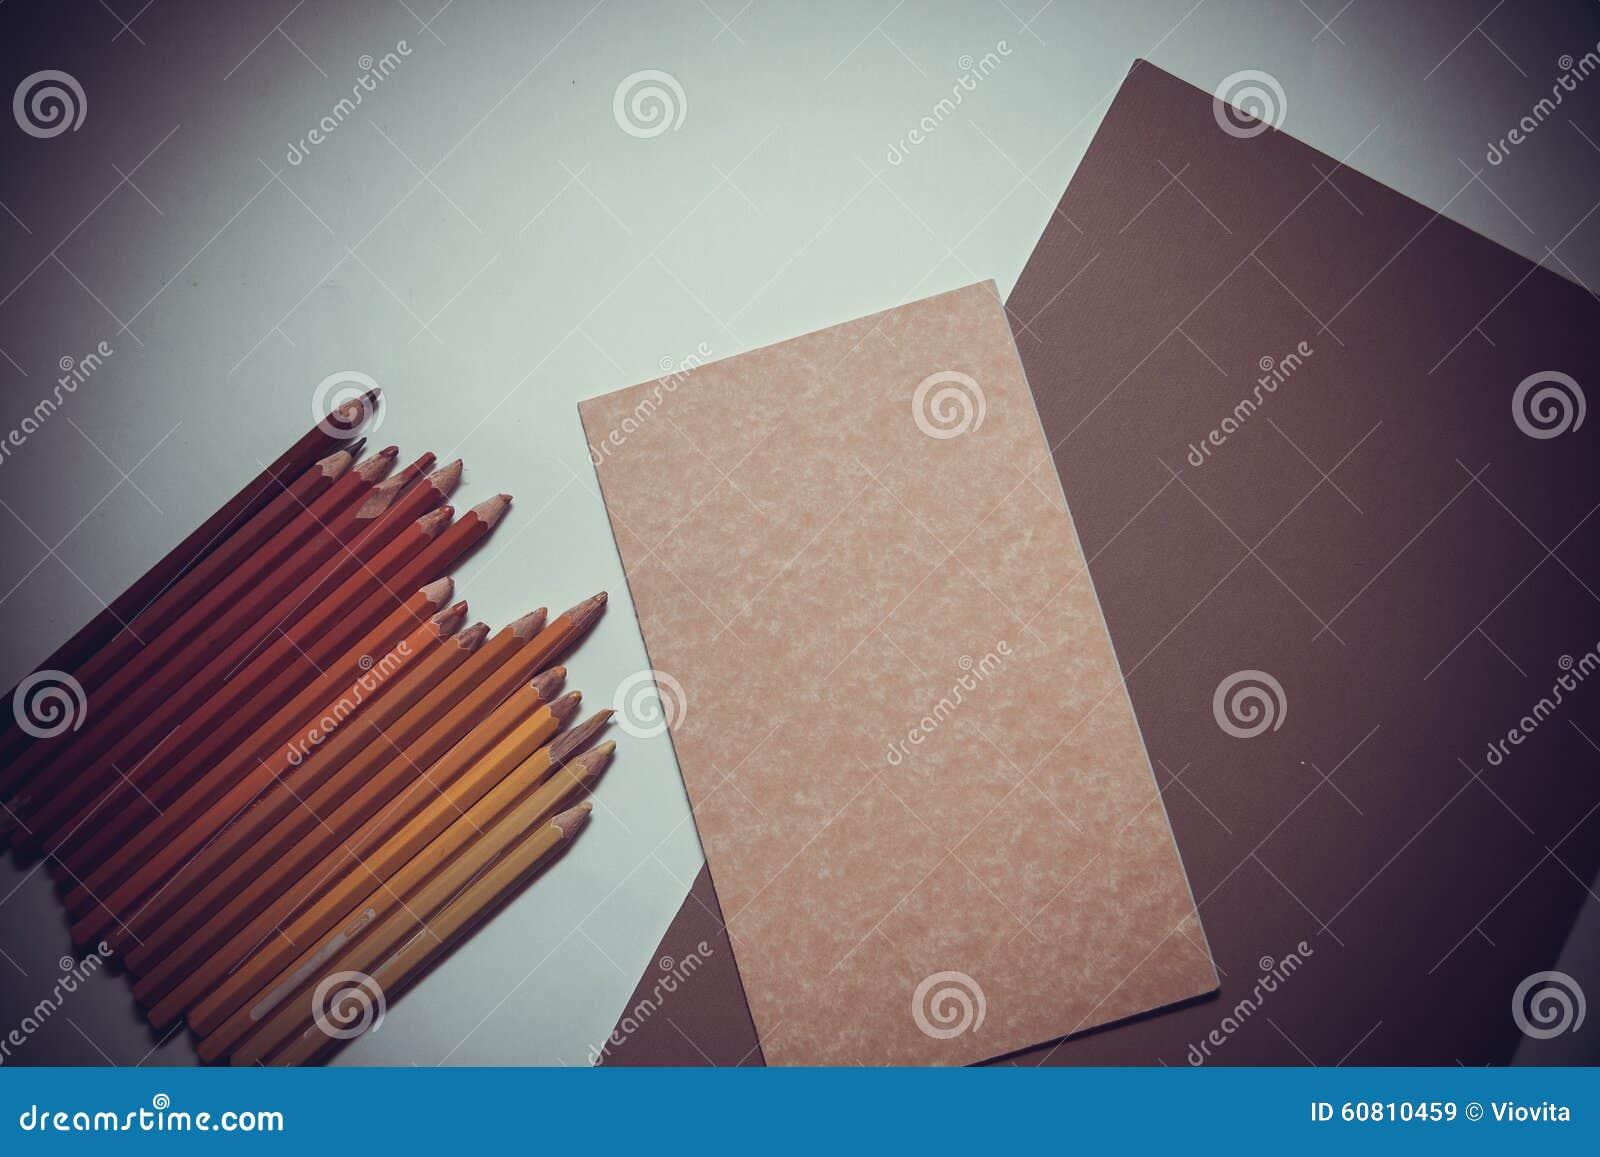 Pencils&paper